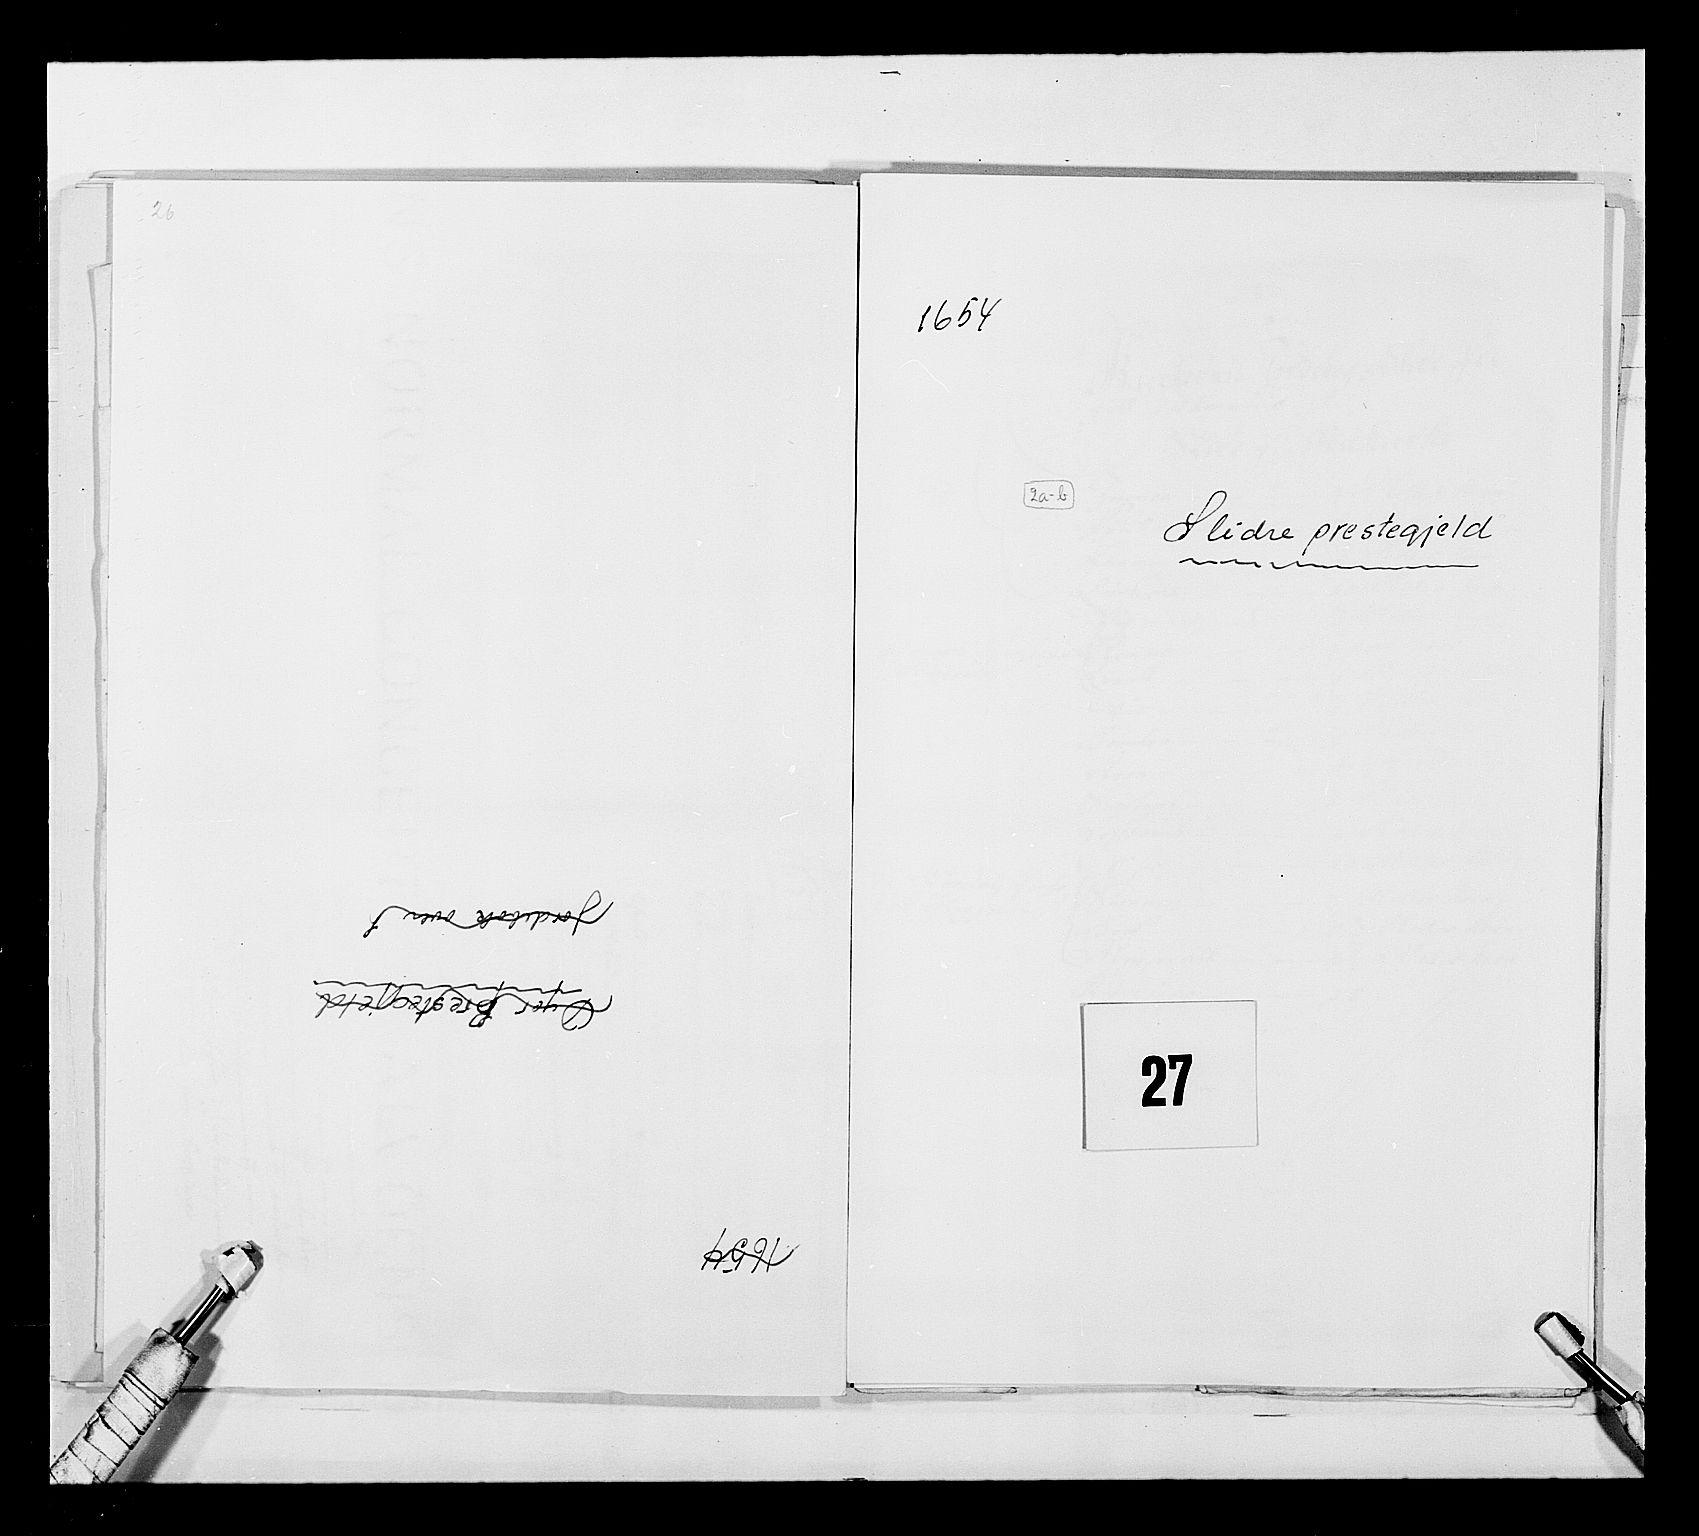 RA, Stattholderembetet 1572-1771, Ek/L0030: Jordebøker 1633-1658:, 1654, s. 110